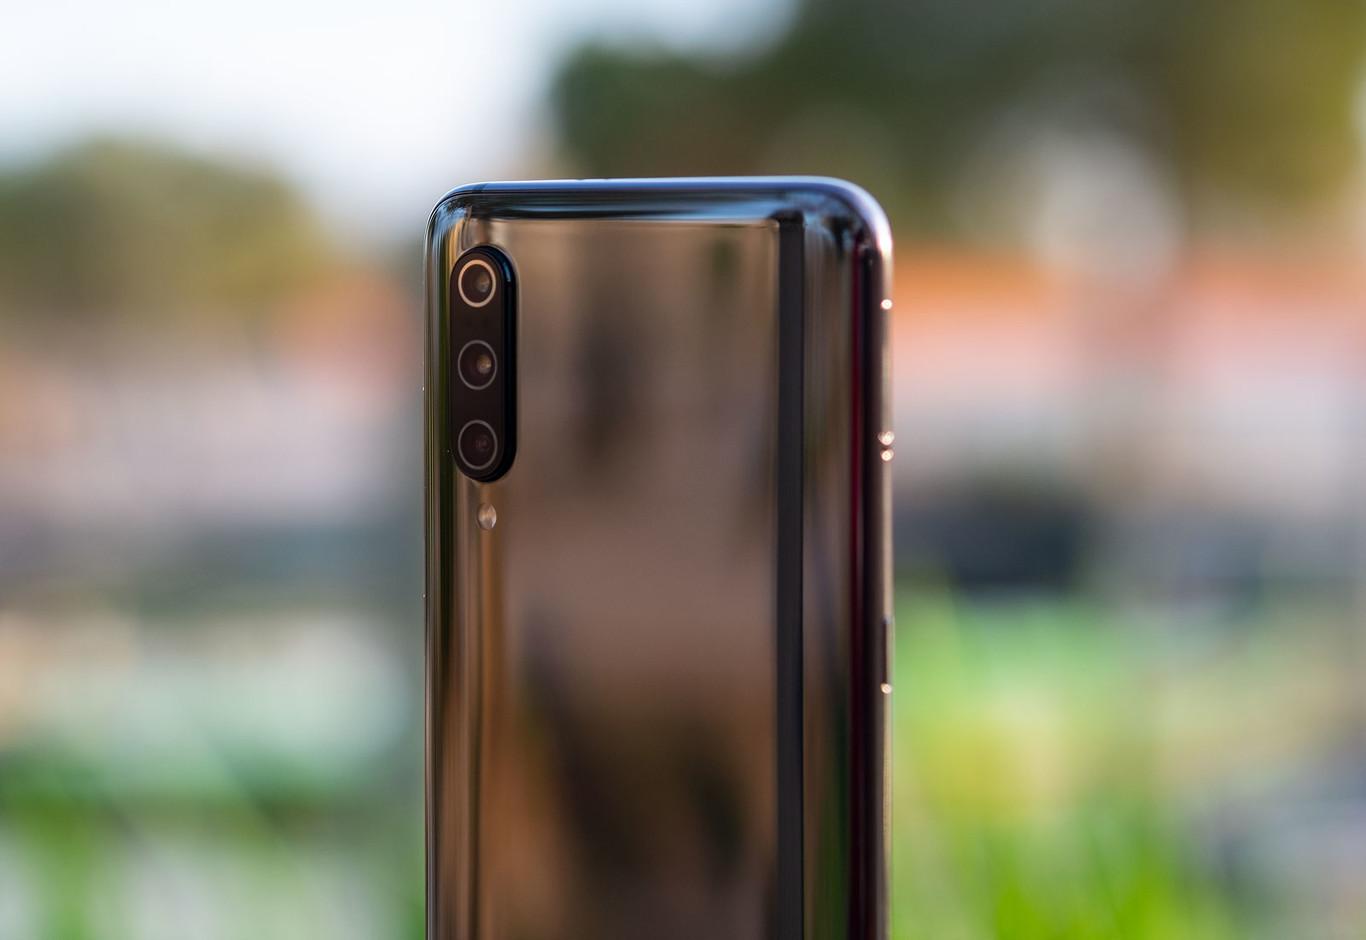 Xiaomi Mi 9 versión global de 128GB, un gama alta que el Día del Soltero deja a precio mínimo: 287,80 euros en Aliexpress